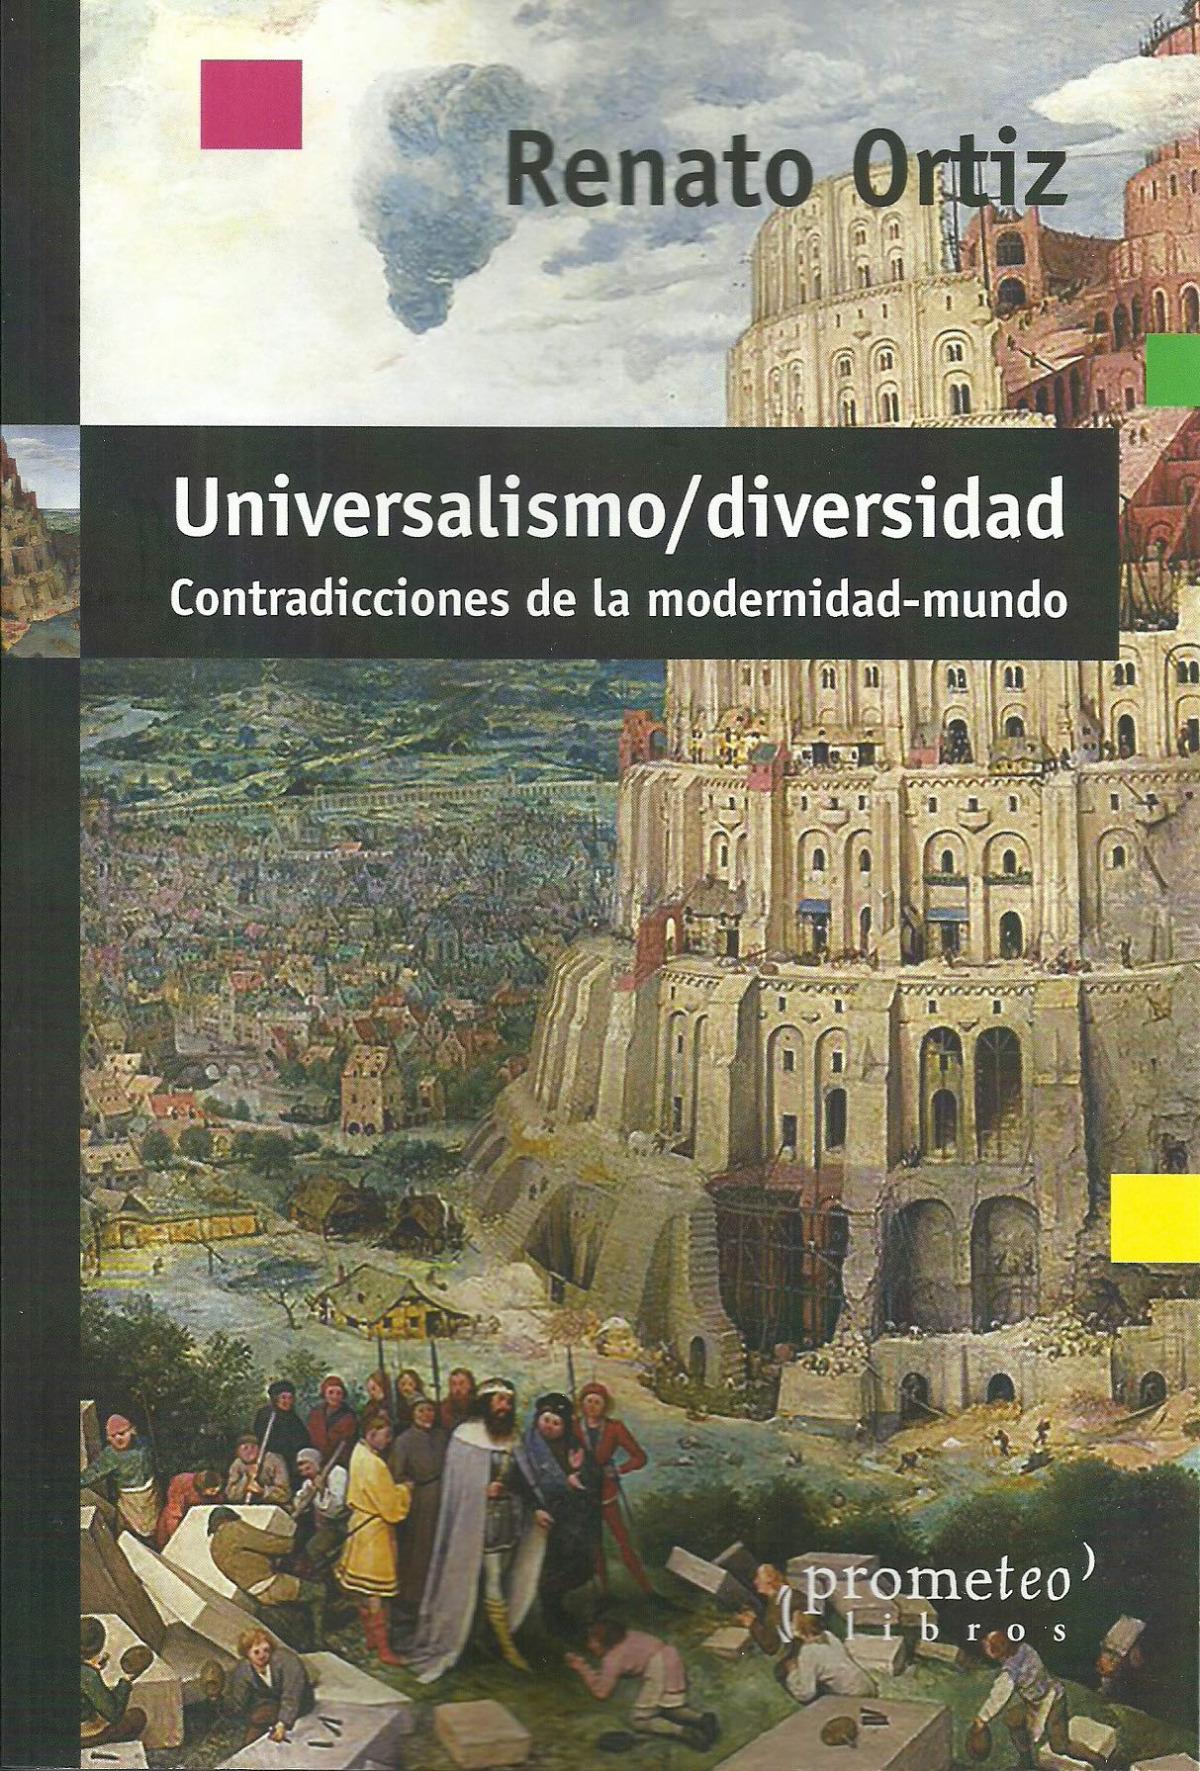 Universalismo-Diversidad : contradicciones de la modernidad-mundo / Renato Ortiz ; traducción Roxana Cabello.